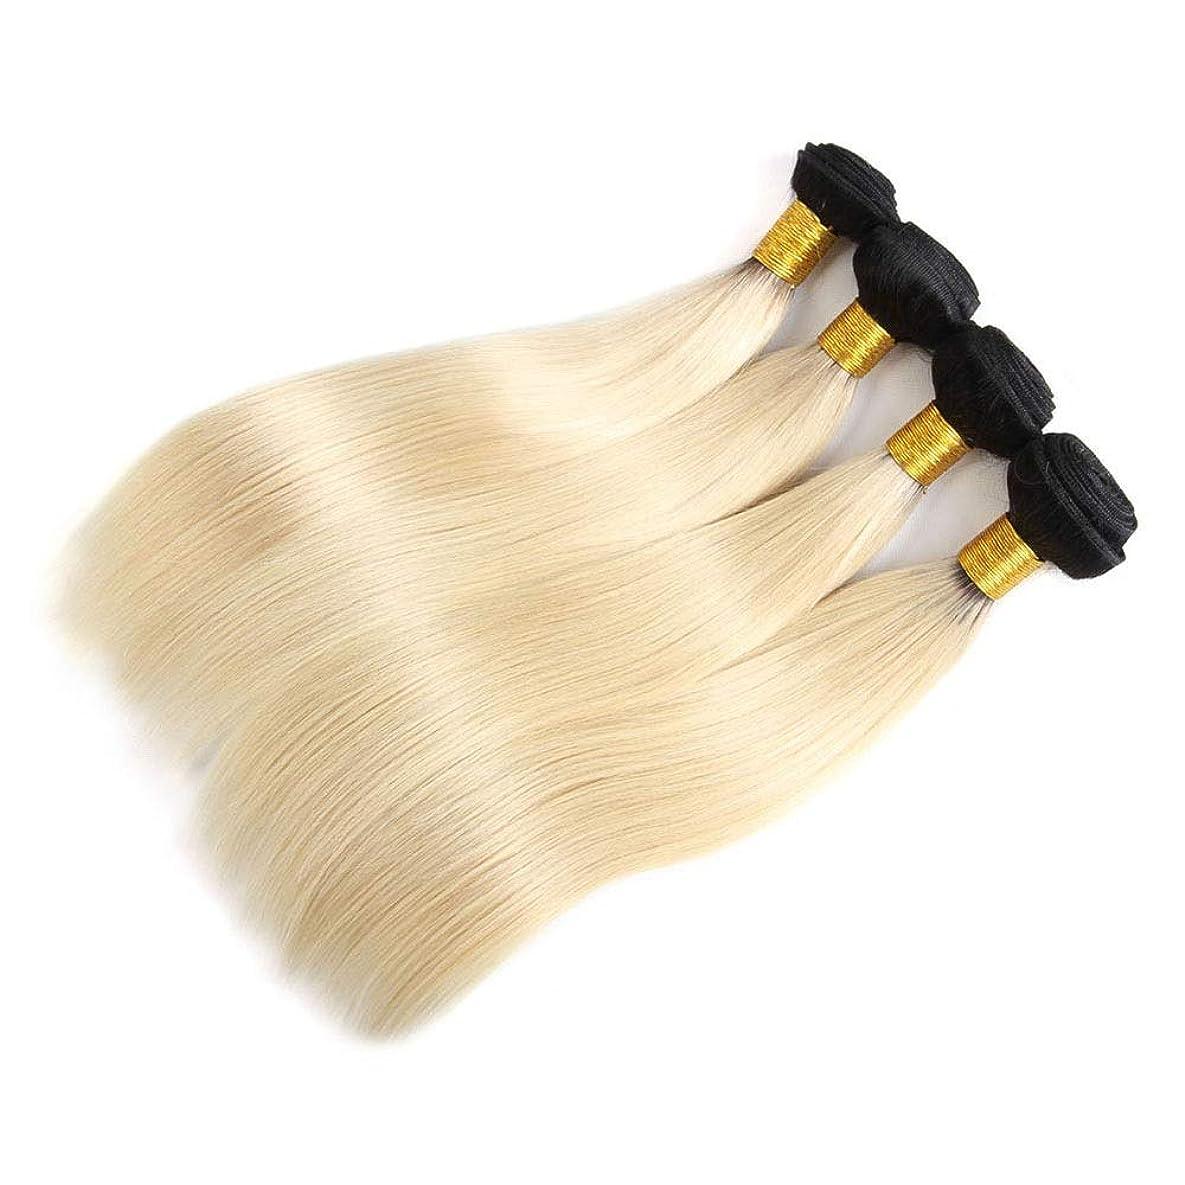 予想外農民サスティーンBOBIDYEE 1B / 613金髪絹のようなストレート100%人毛織りバンドル16インチヘアエクステンション女性の合成かつらレースかつらロールプレイングかつら (色 : 黒, サイズ : 20 inch)